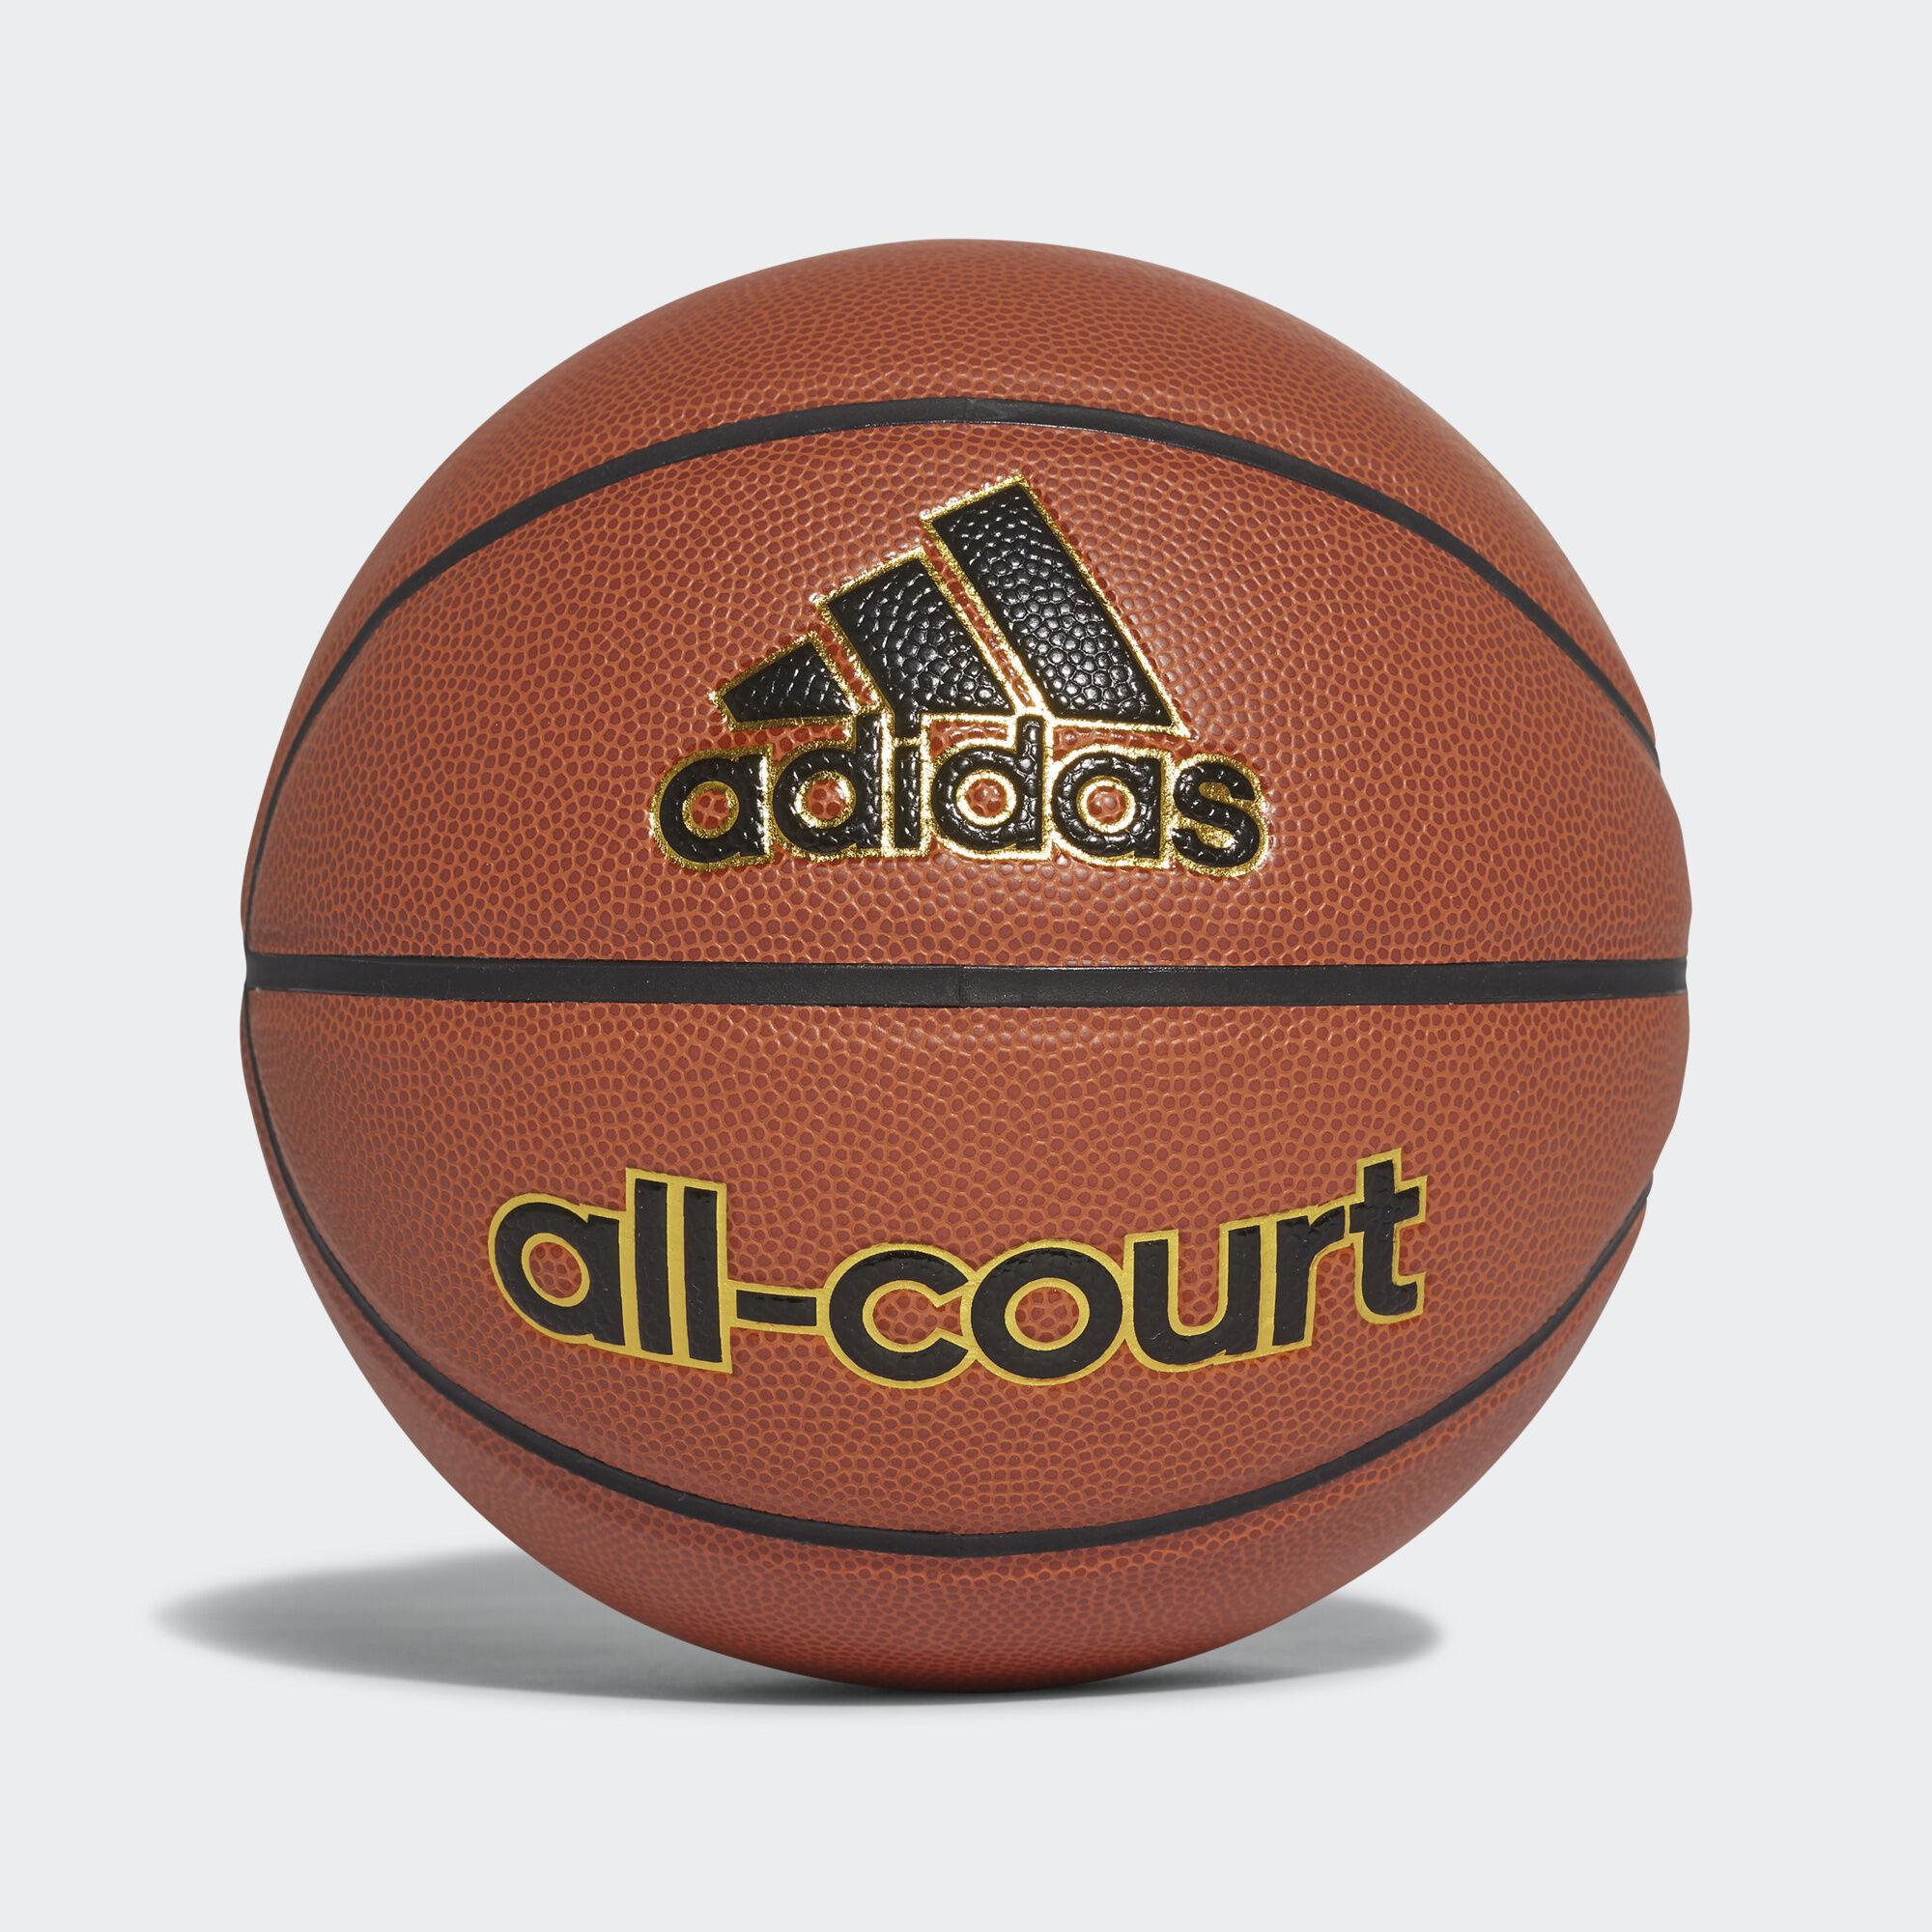 adidas - All-Court Basketball Basketball X35859